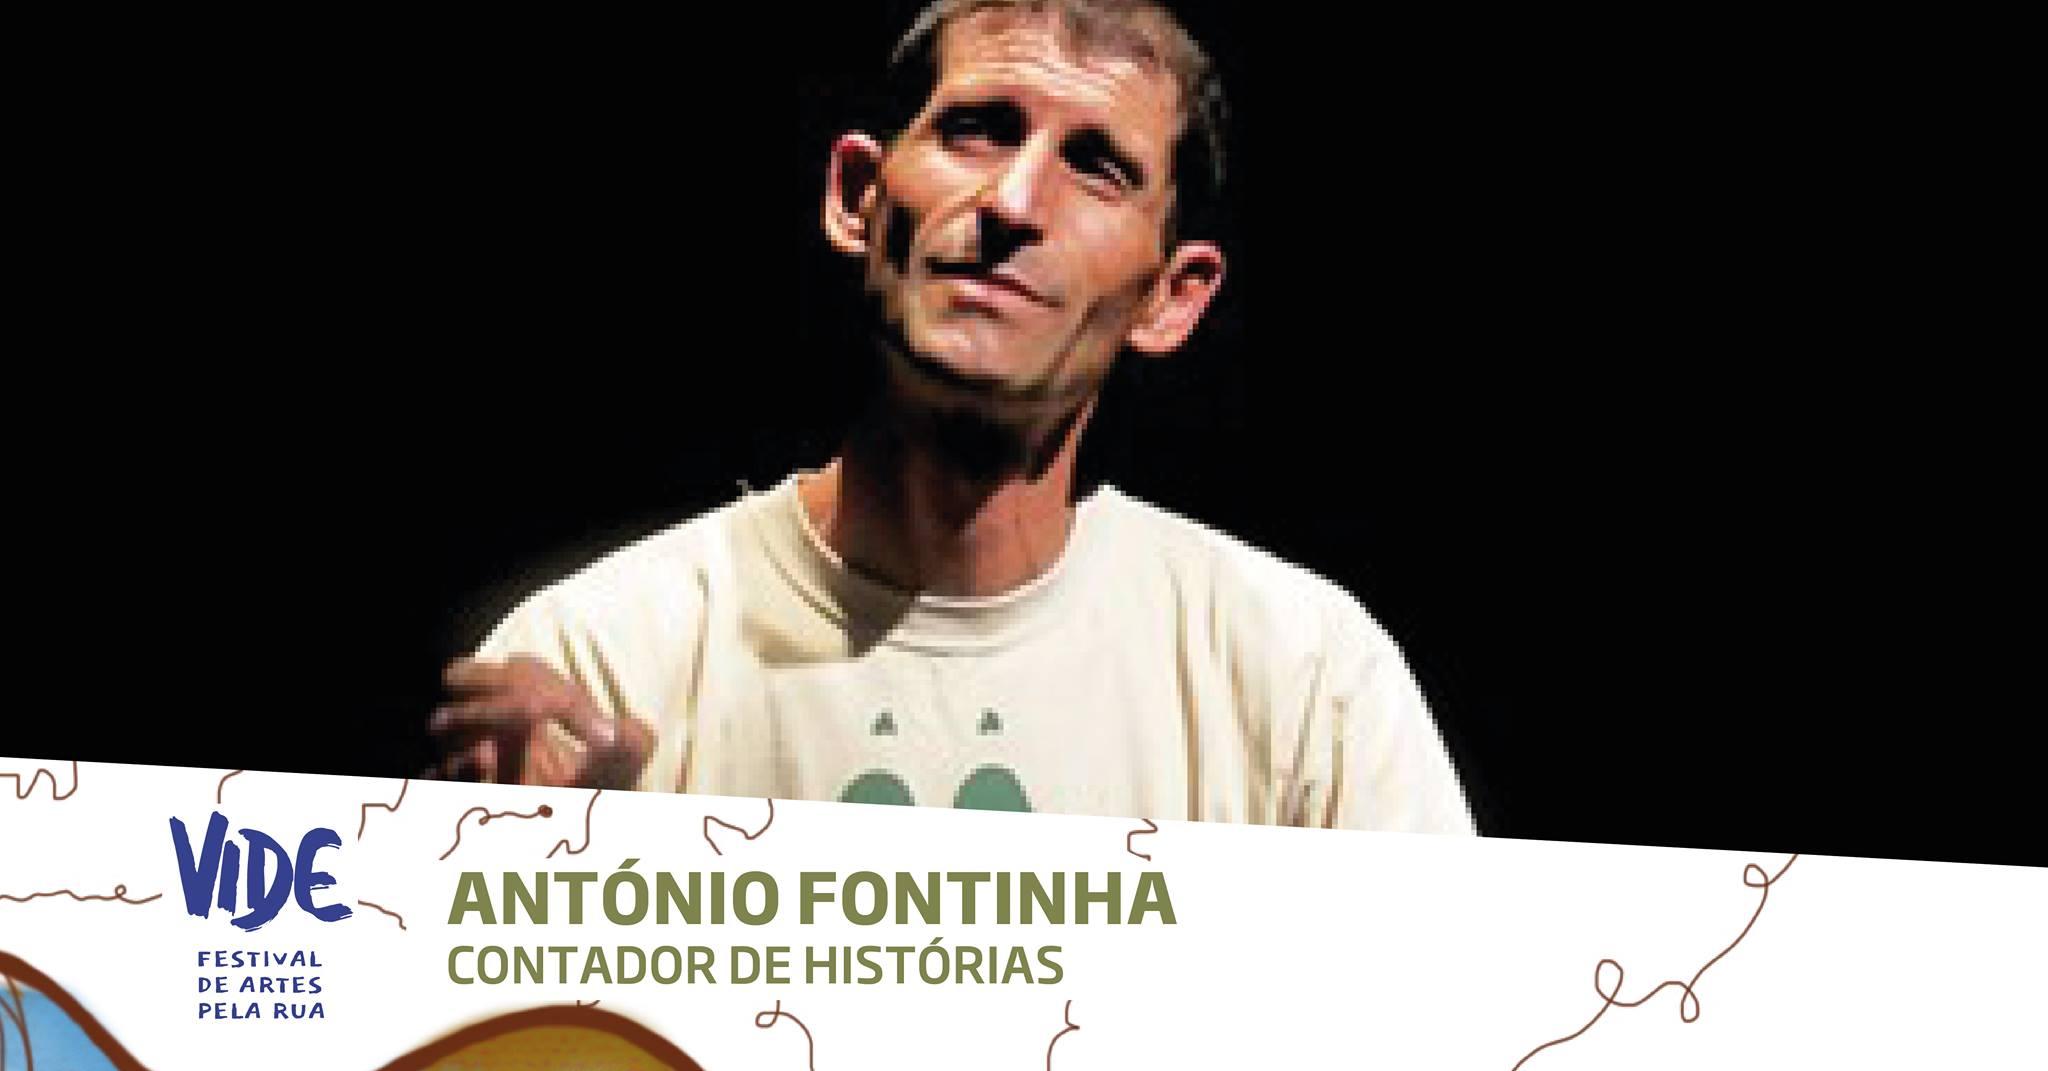 ANTÓNIO FONTINHA  |  VIDE - Festival de Artes pela Rua